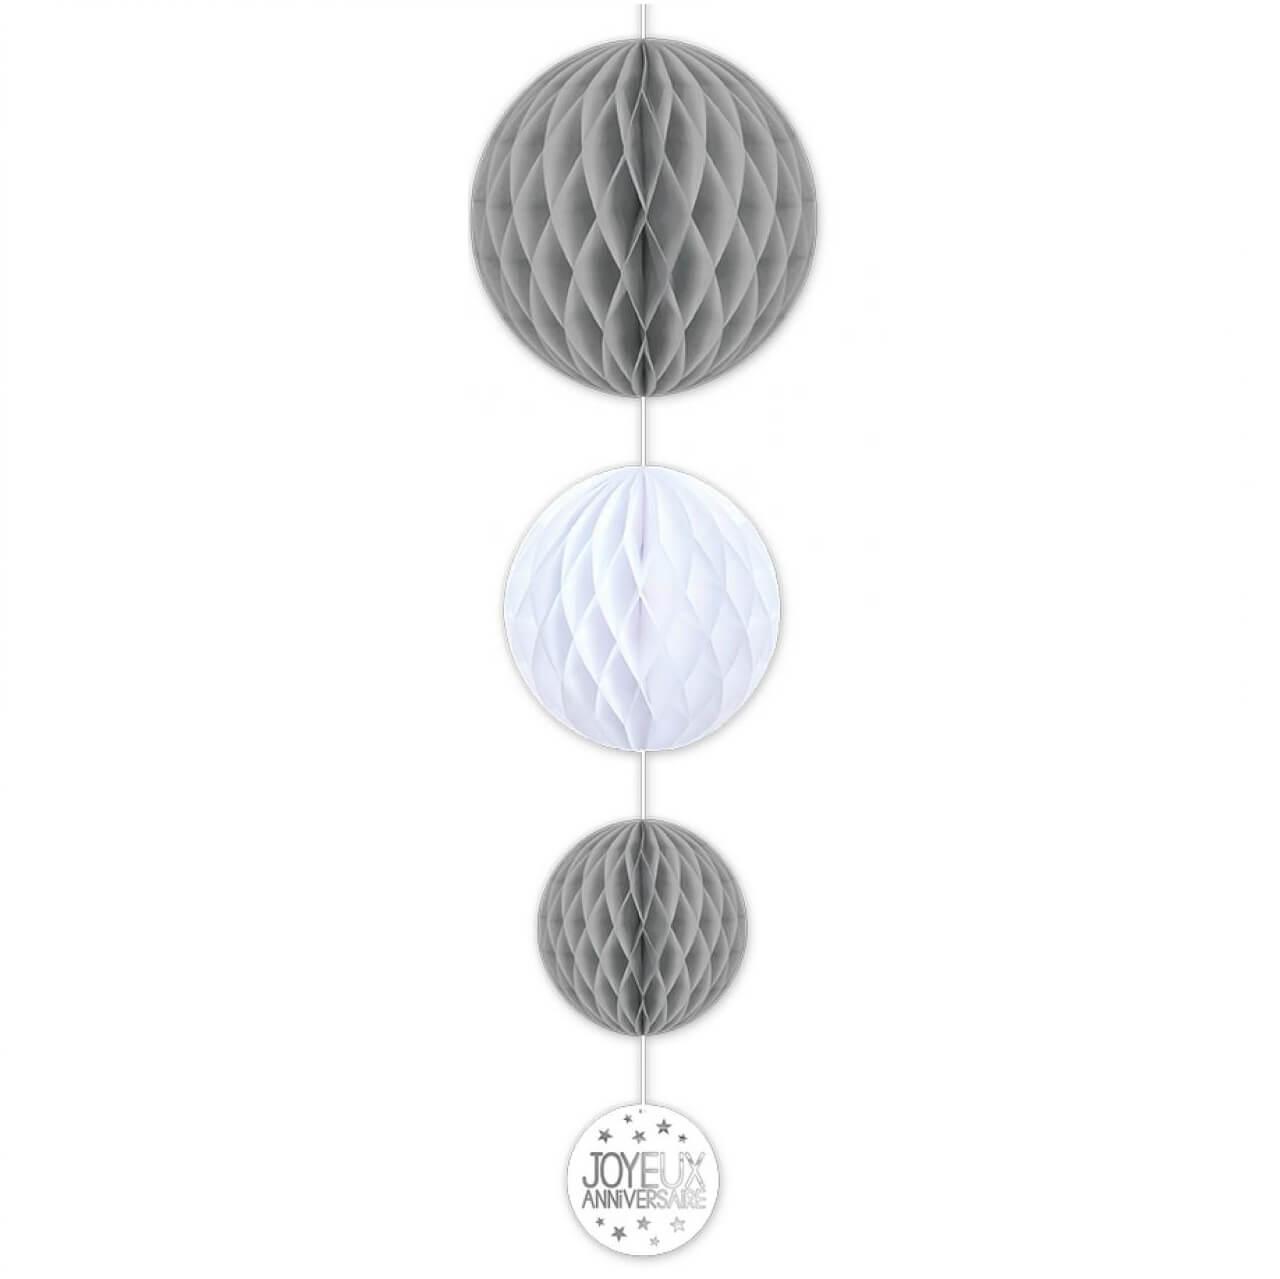 Decoration suspension anniversaire grise et blanche avec 3 boules